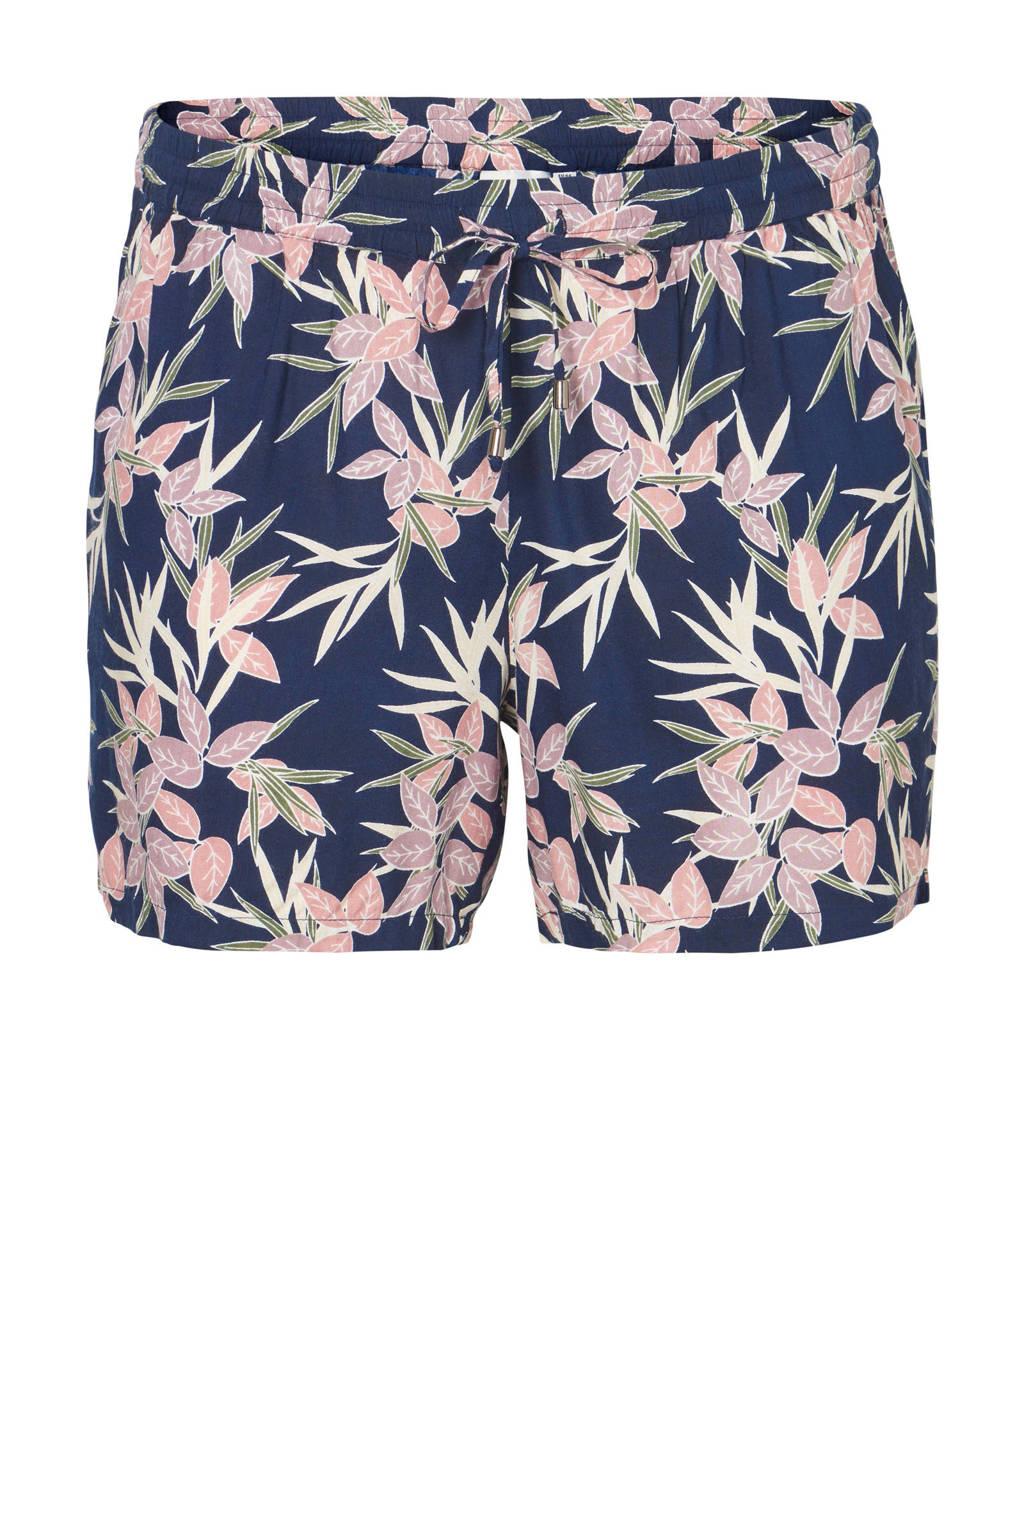 JUNAROSE short met bloemen, Donkerblauw/ roze/ paars/ geel